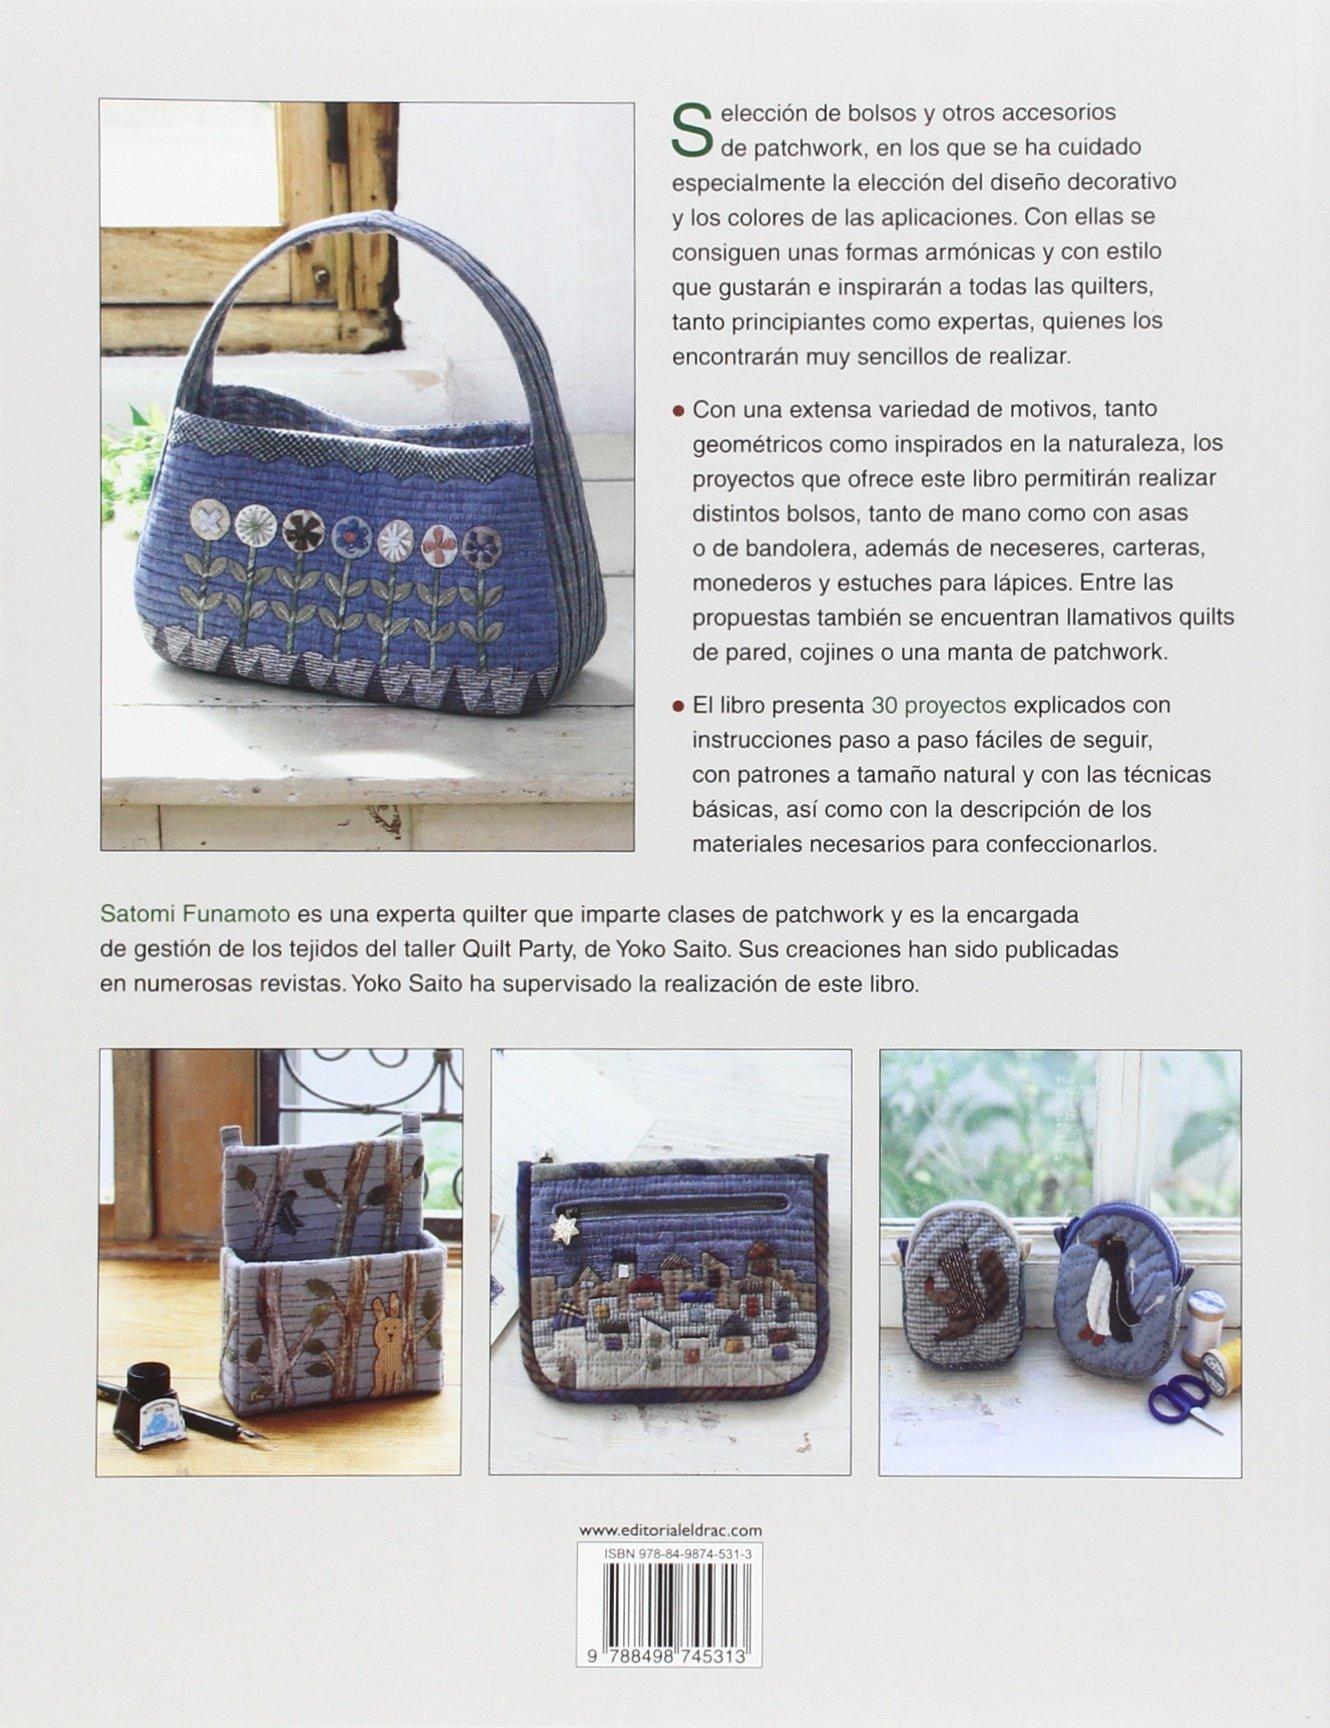 Bolsos, Quilts Y Accesorios De Patchwork: Amazon.es: Satomi Funamoto, Editorial El Drac: Libros